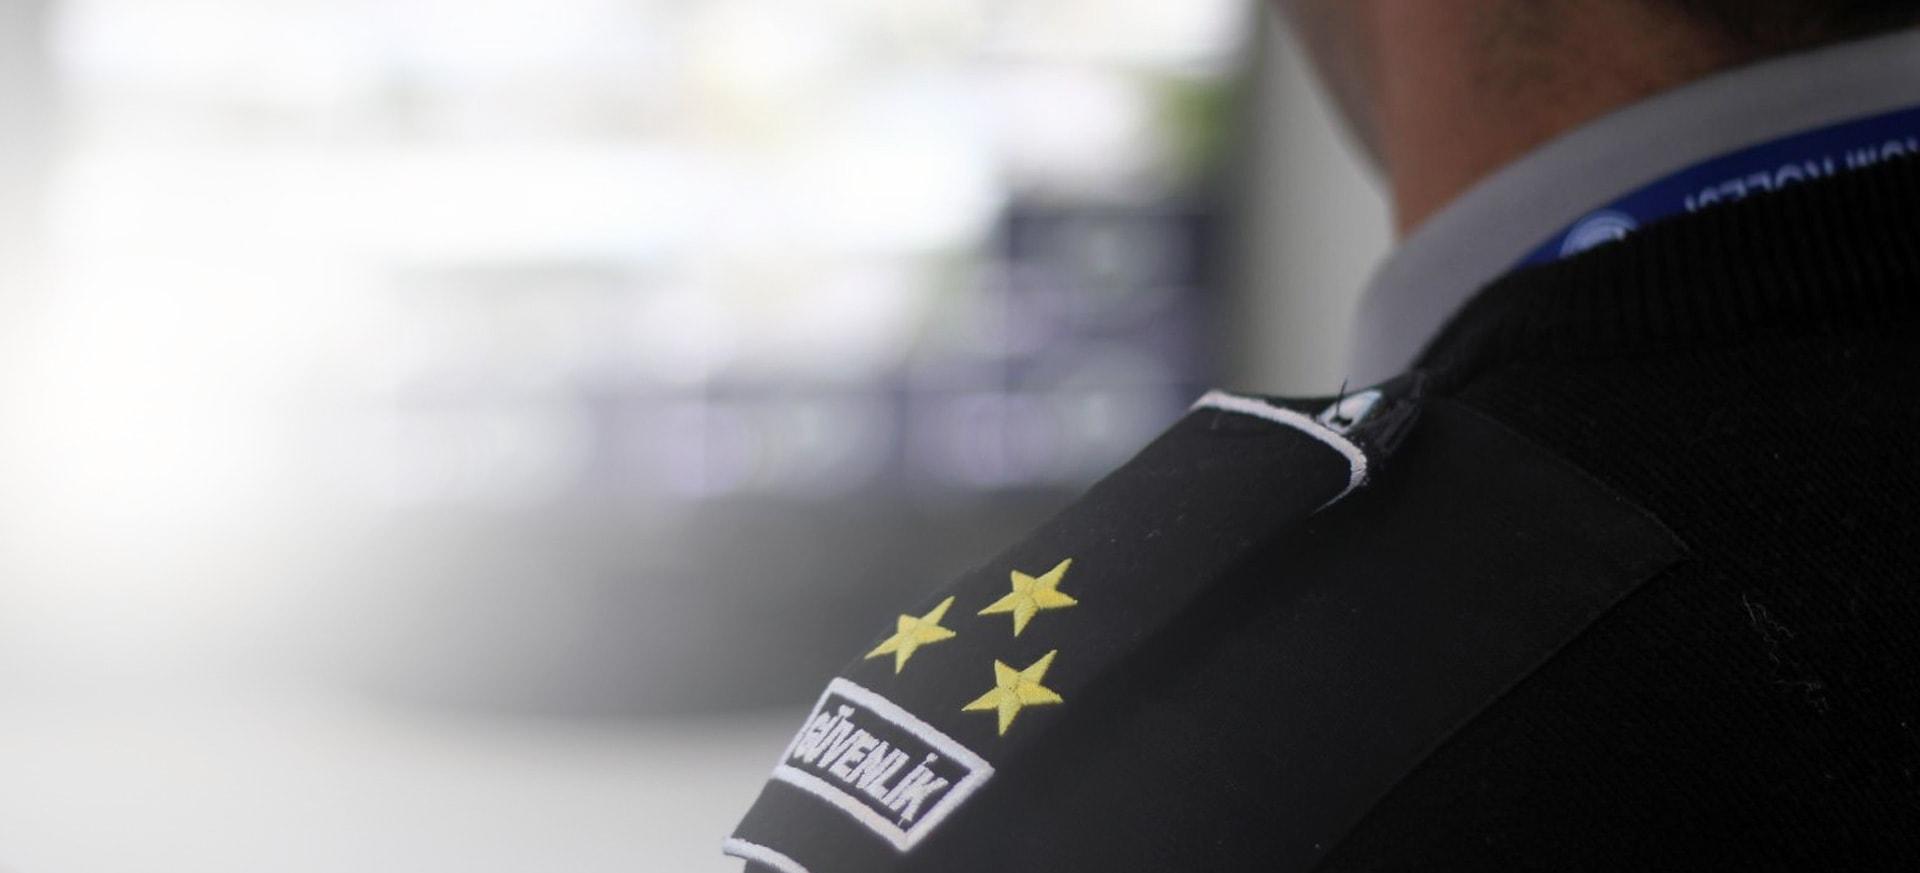 İstanbul'da özel güvenlik eğitiminin en iyisi Point Özel Güvenlik Eğitimi